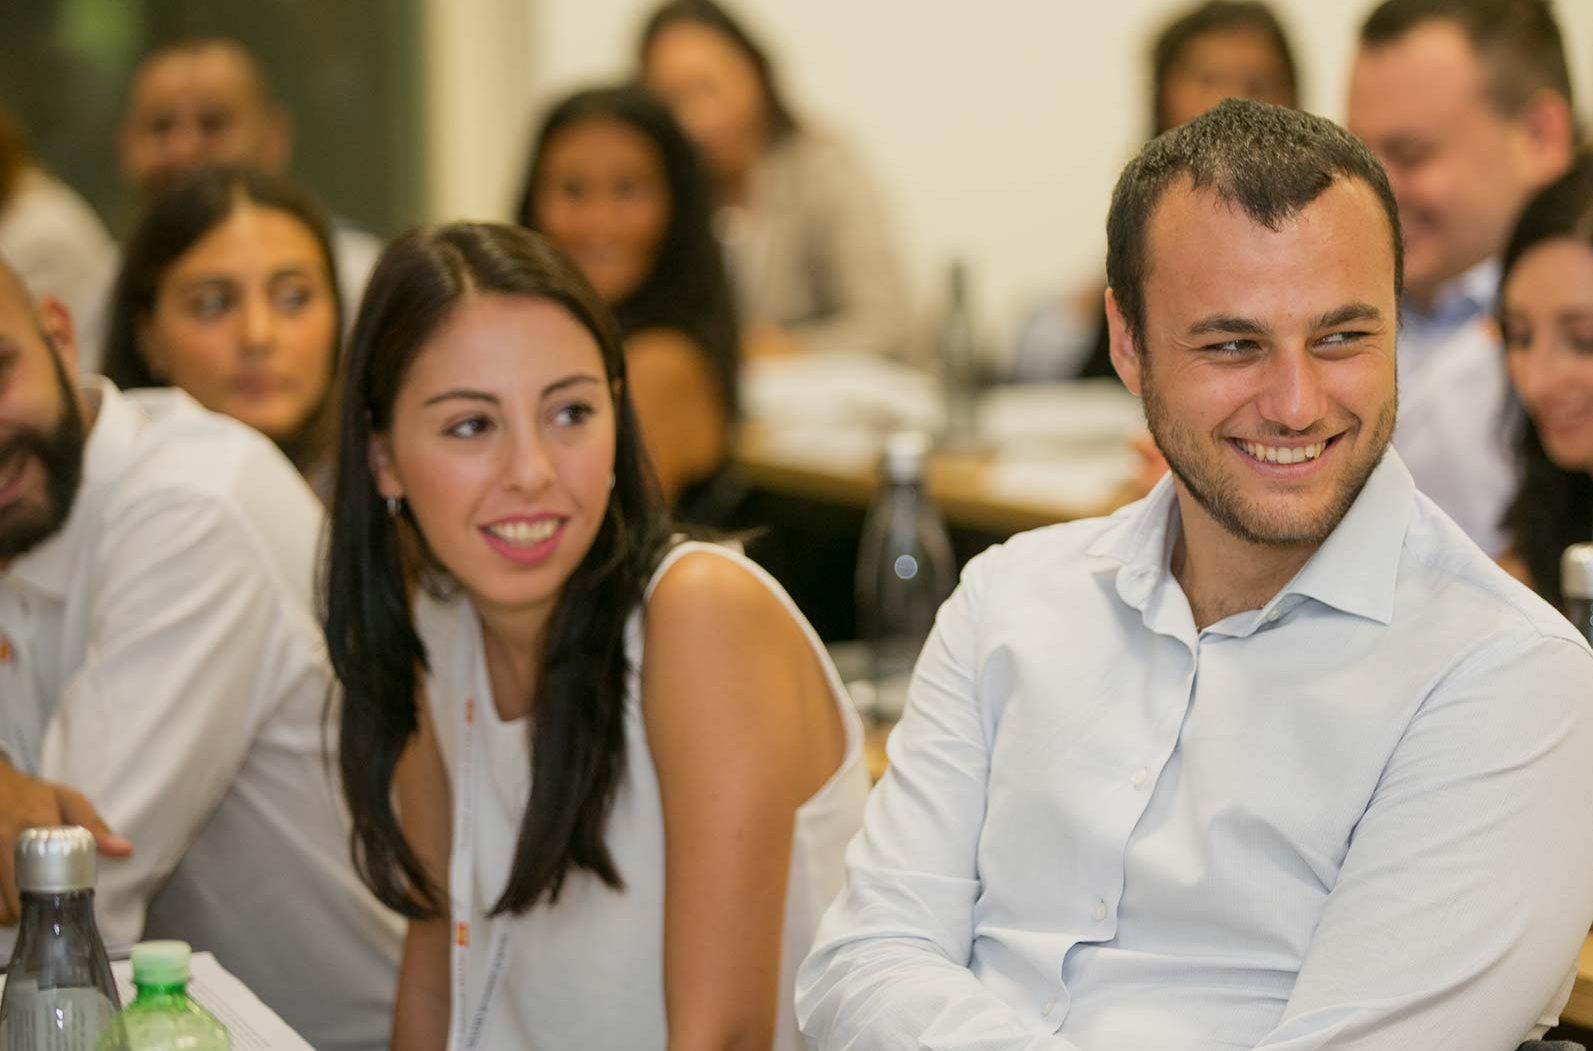 Master-in-Sport-Business-Management-programma-didattico